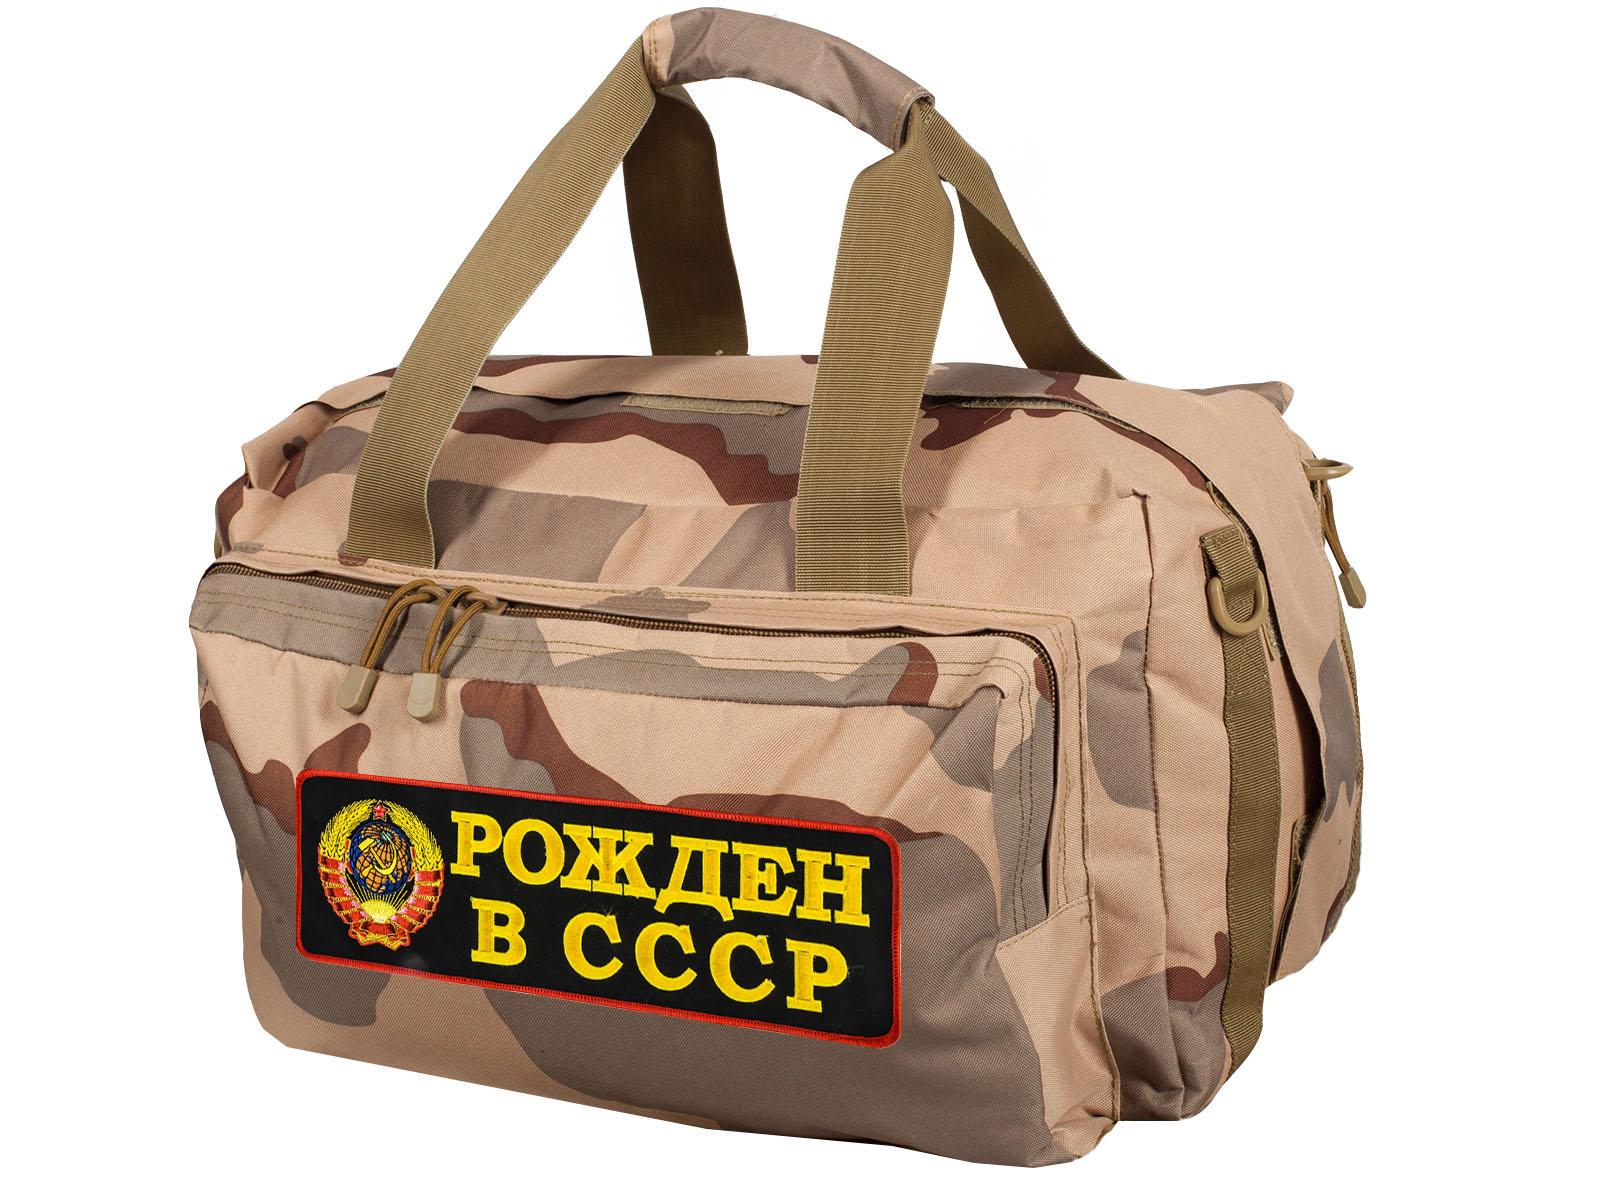 Дорожная камуфляжная сумка с нашивкой Рожден в СССР - купить онлайн